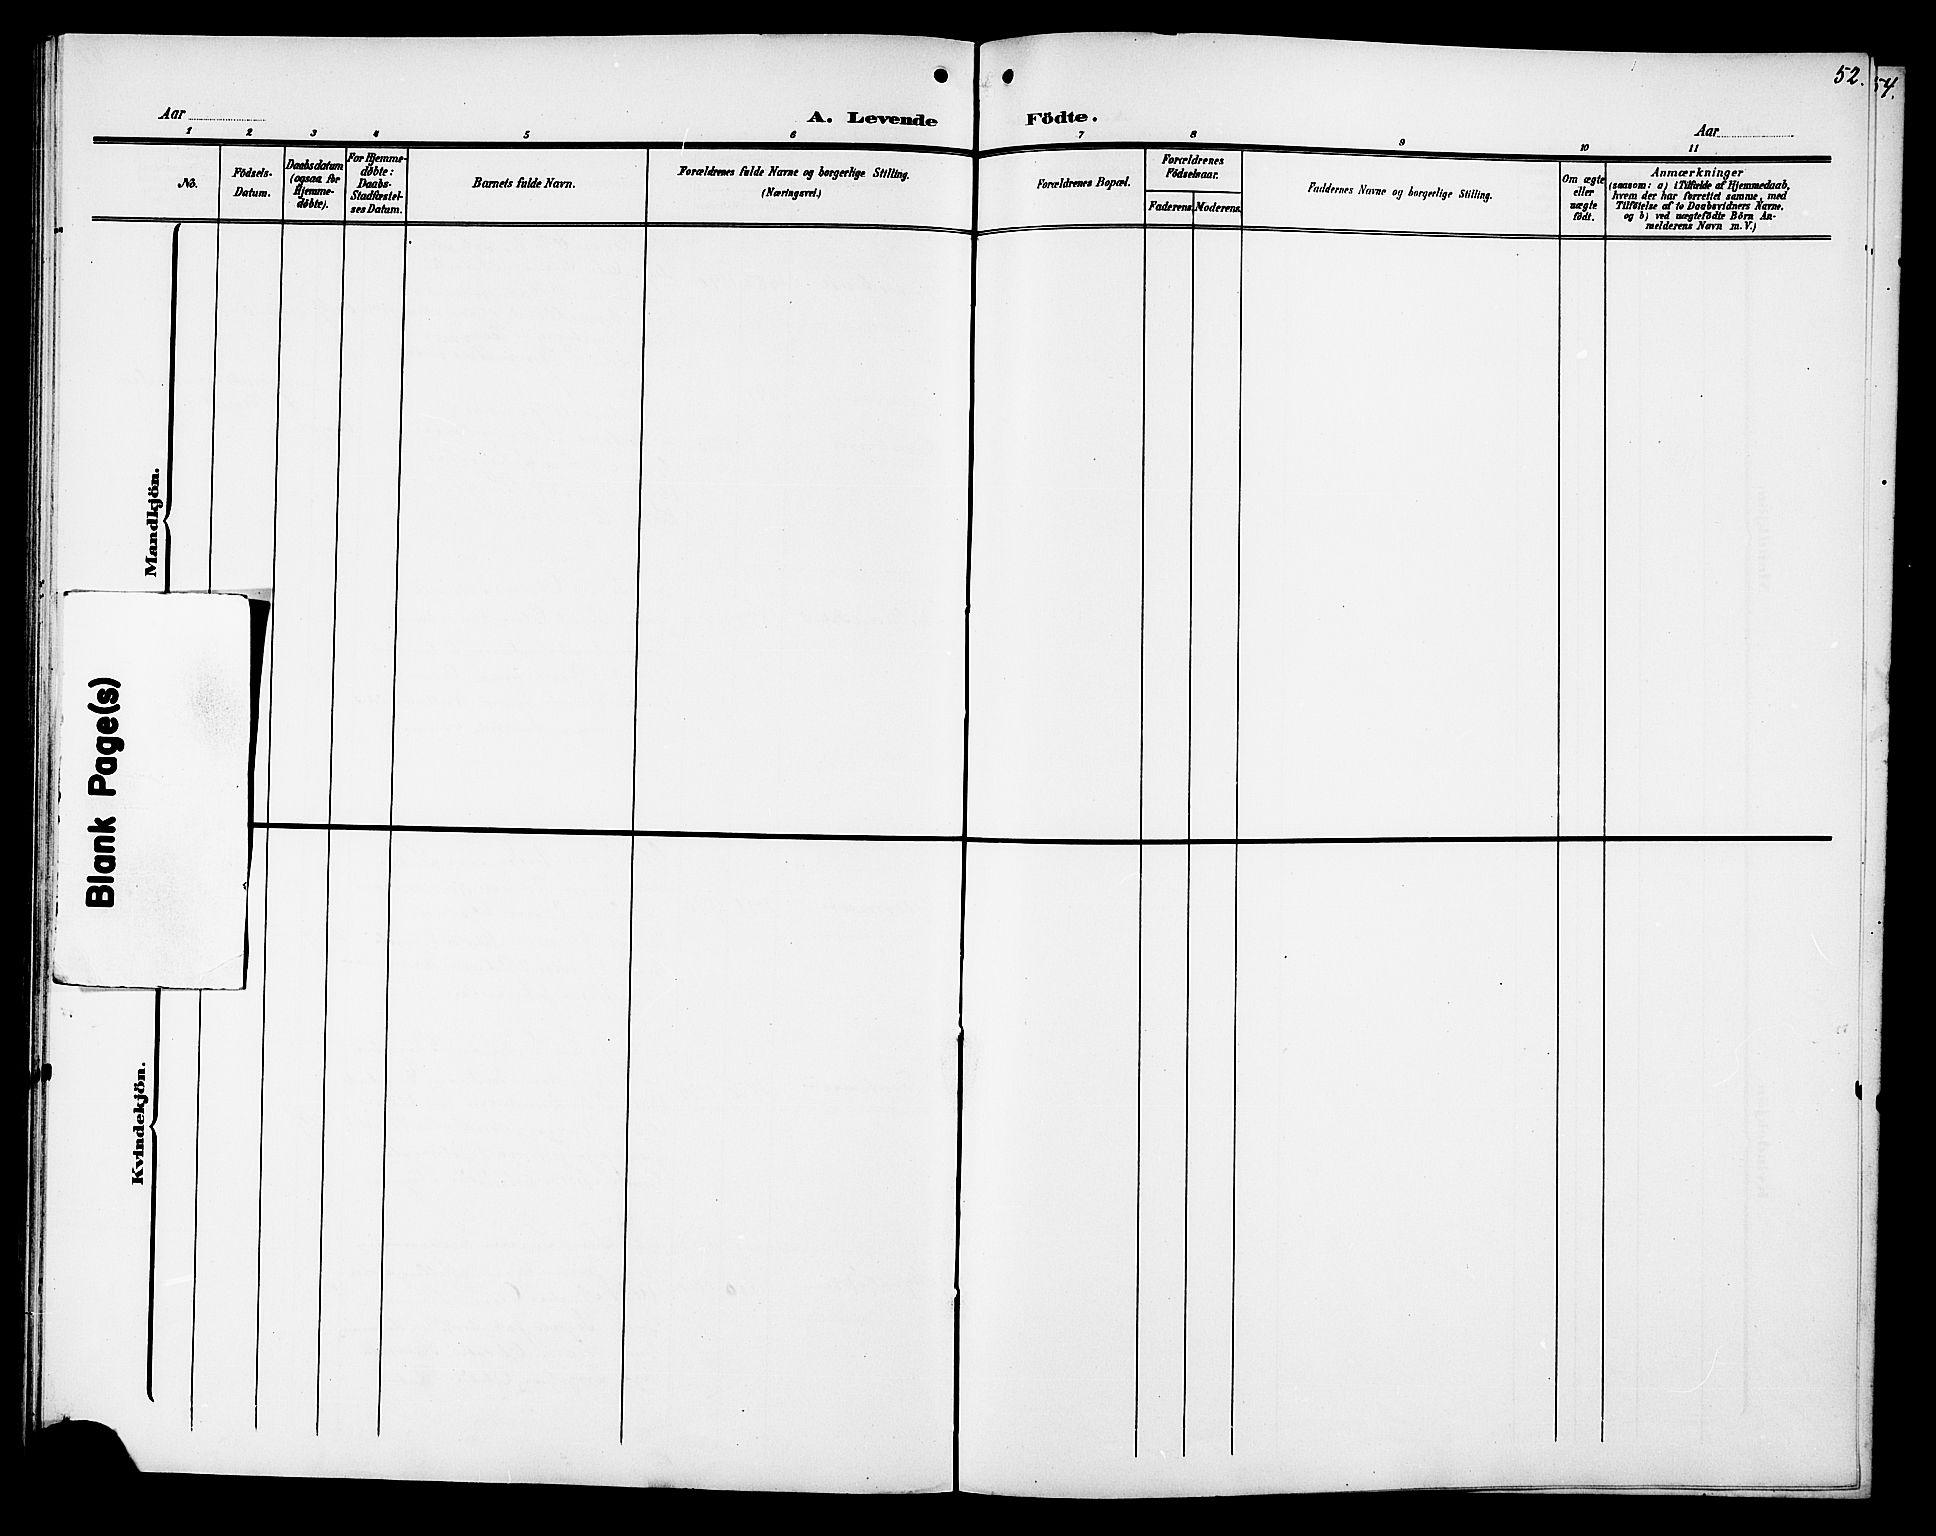 SAT, Ministerialprotokoller, klokkerbøker og fødselsregistre - Sør-Trøndelag, 694/L1133: Klokkerbok nr. 694C05, 1901-1914, s. 52